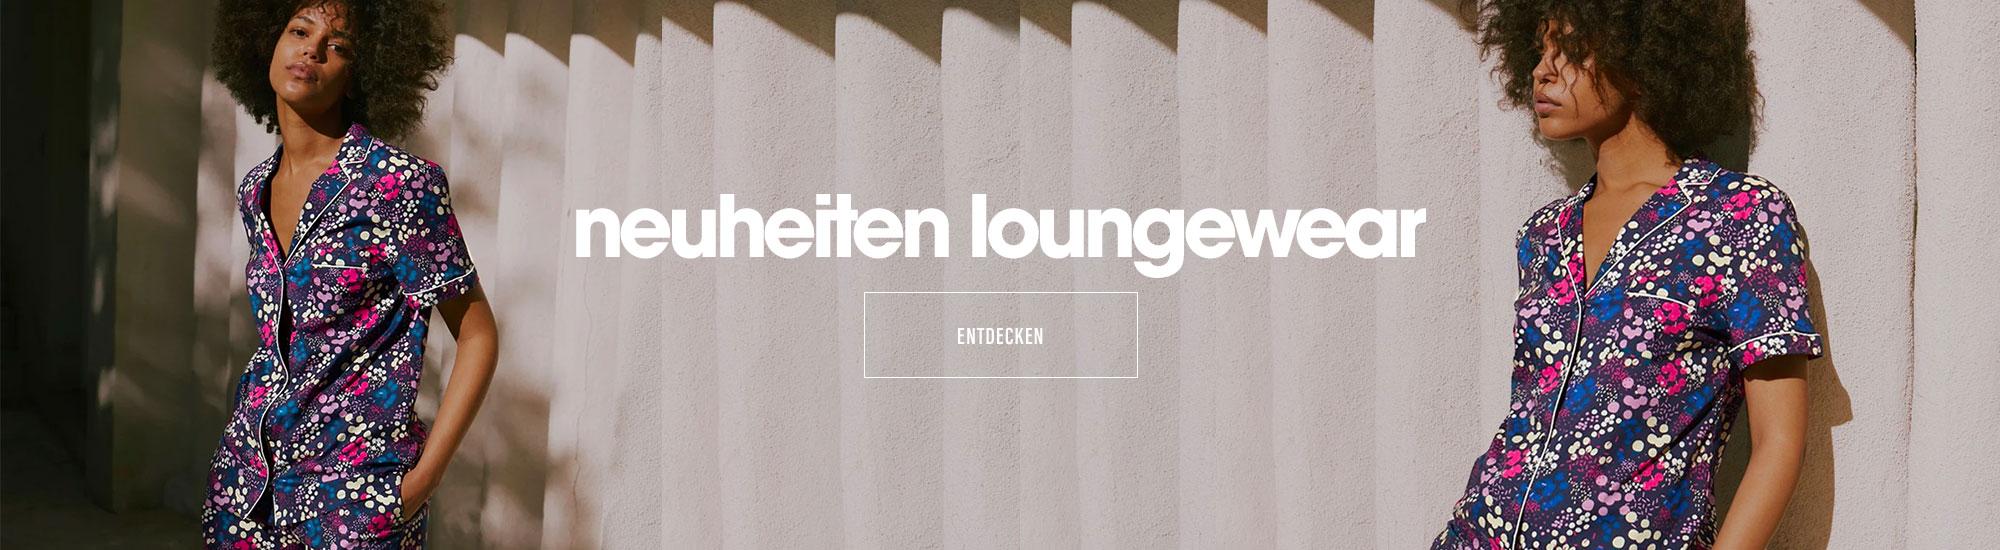 Neuheiten loungewear